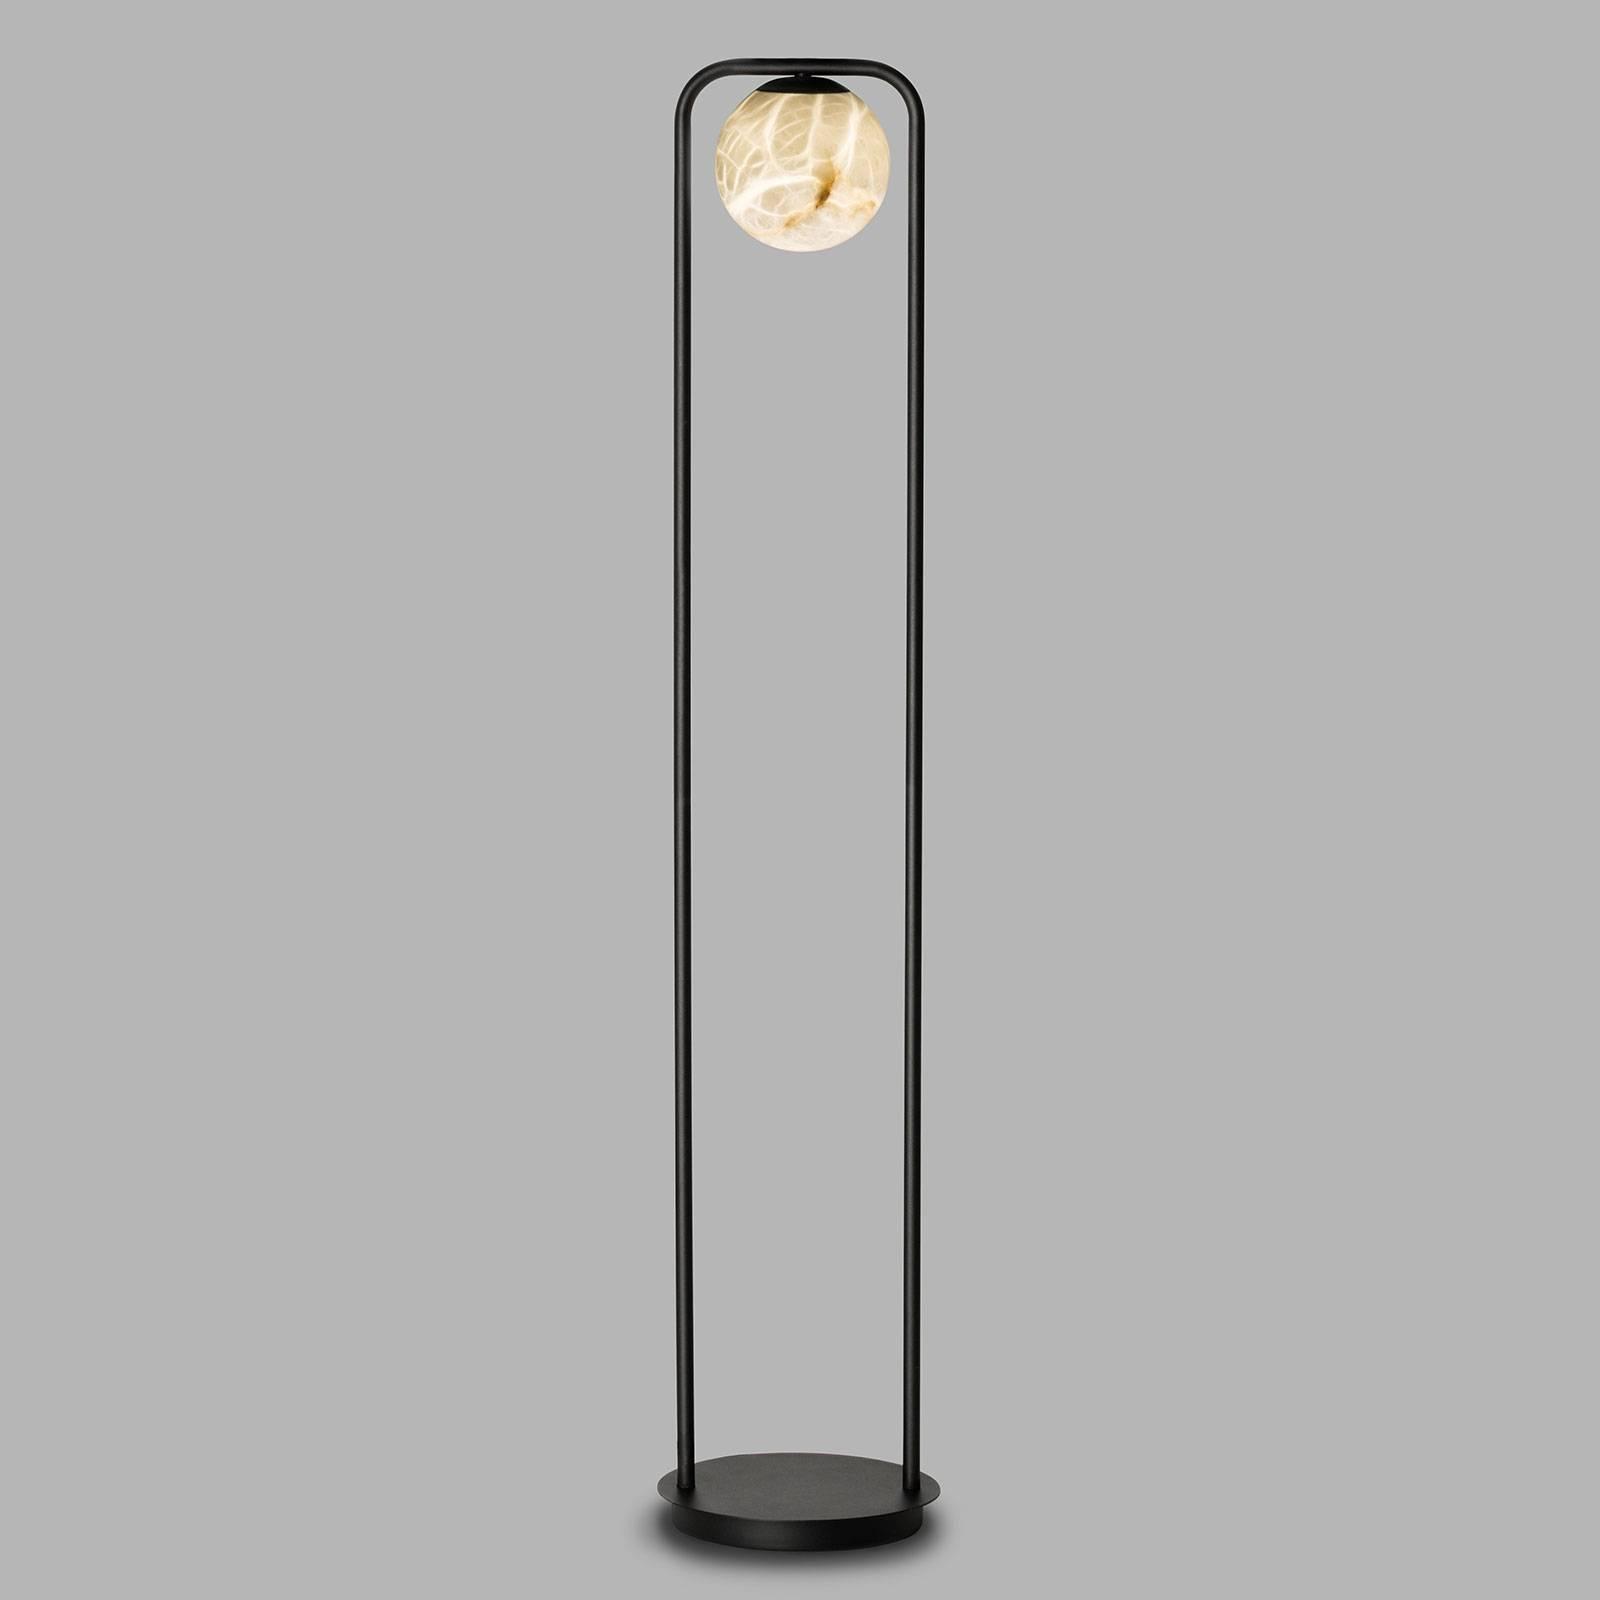 LED-lattiavalo Tribeca, alabasteria, 1-lamppuinen